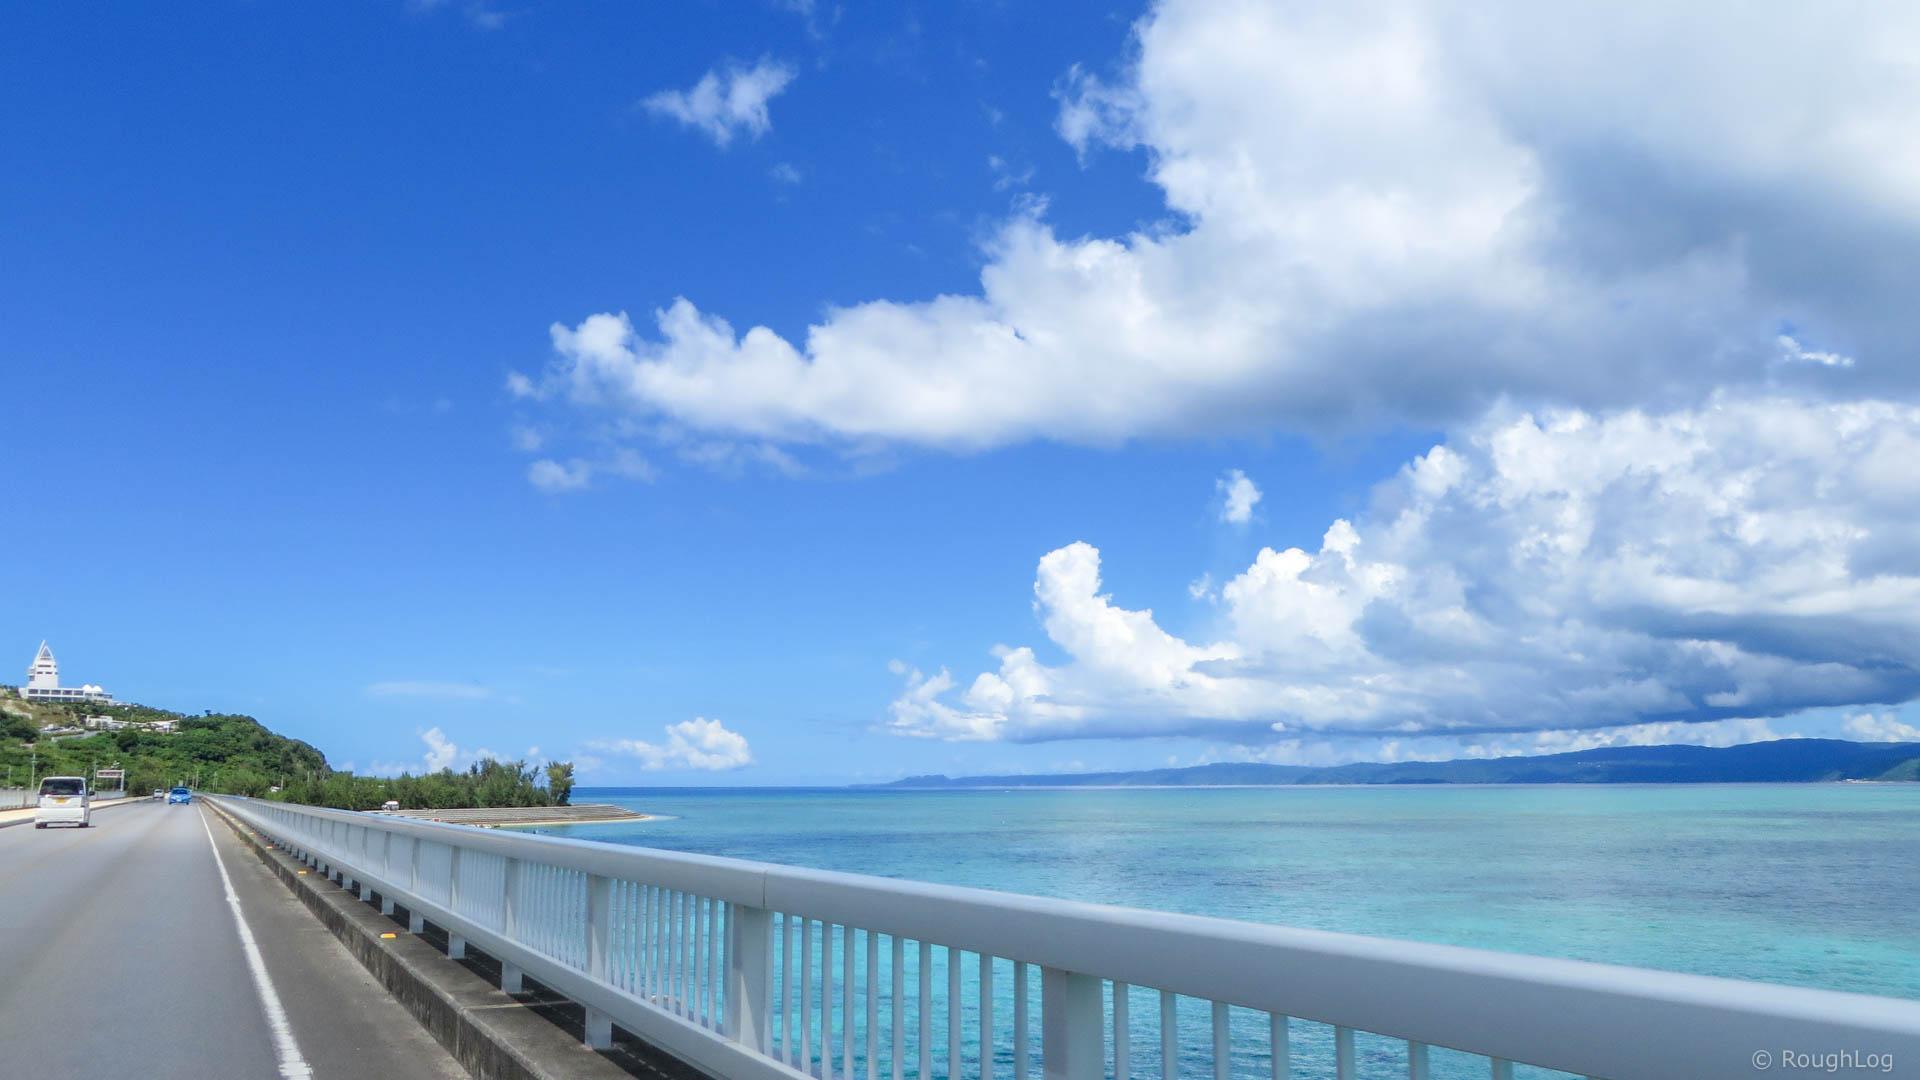 古宇利大橋からエメラルドグリーンの海に囲まれた「古宇利島」を眺める